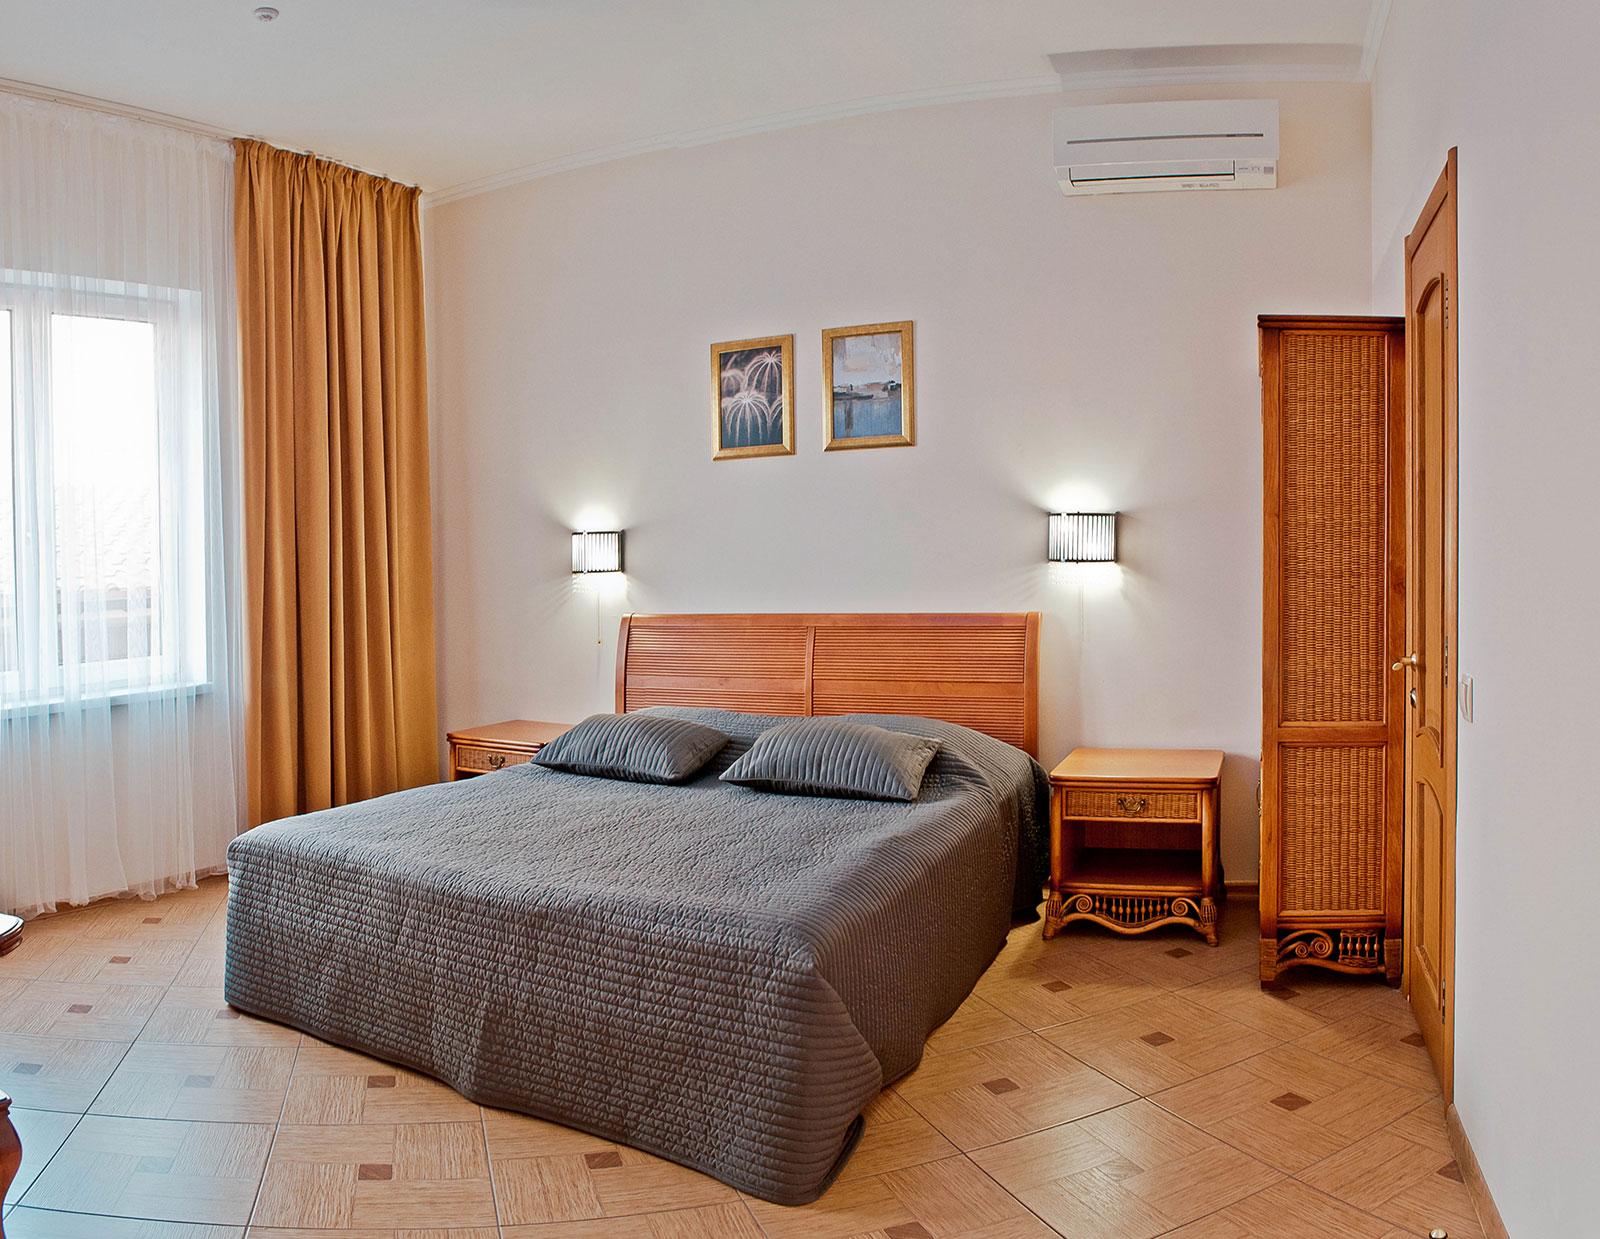 foto_apartament_4_d3_d4_1.jpg